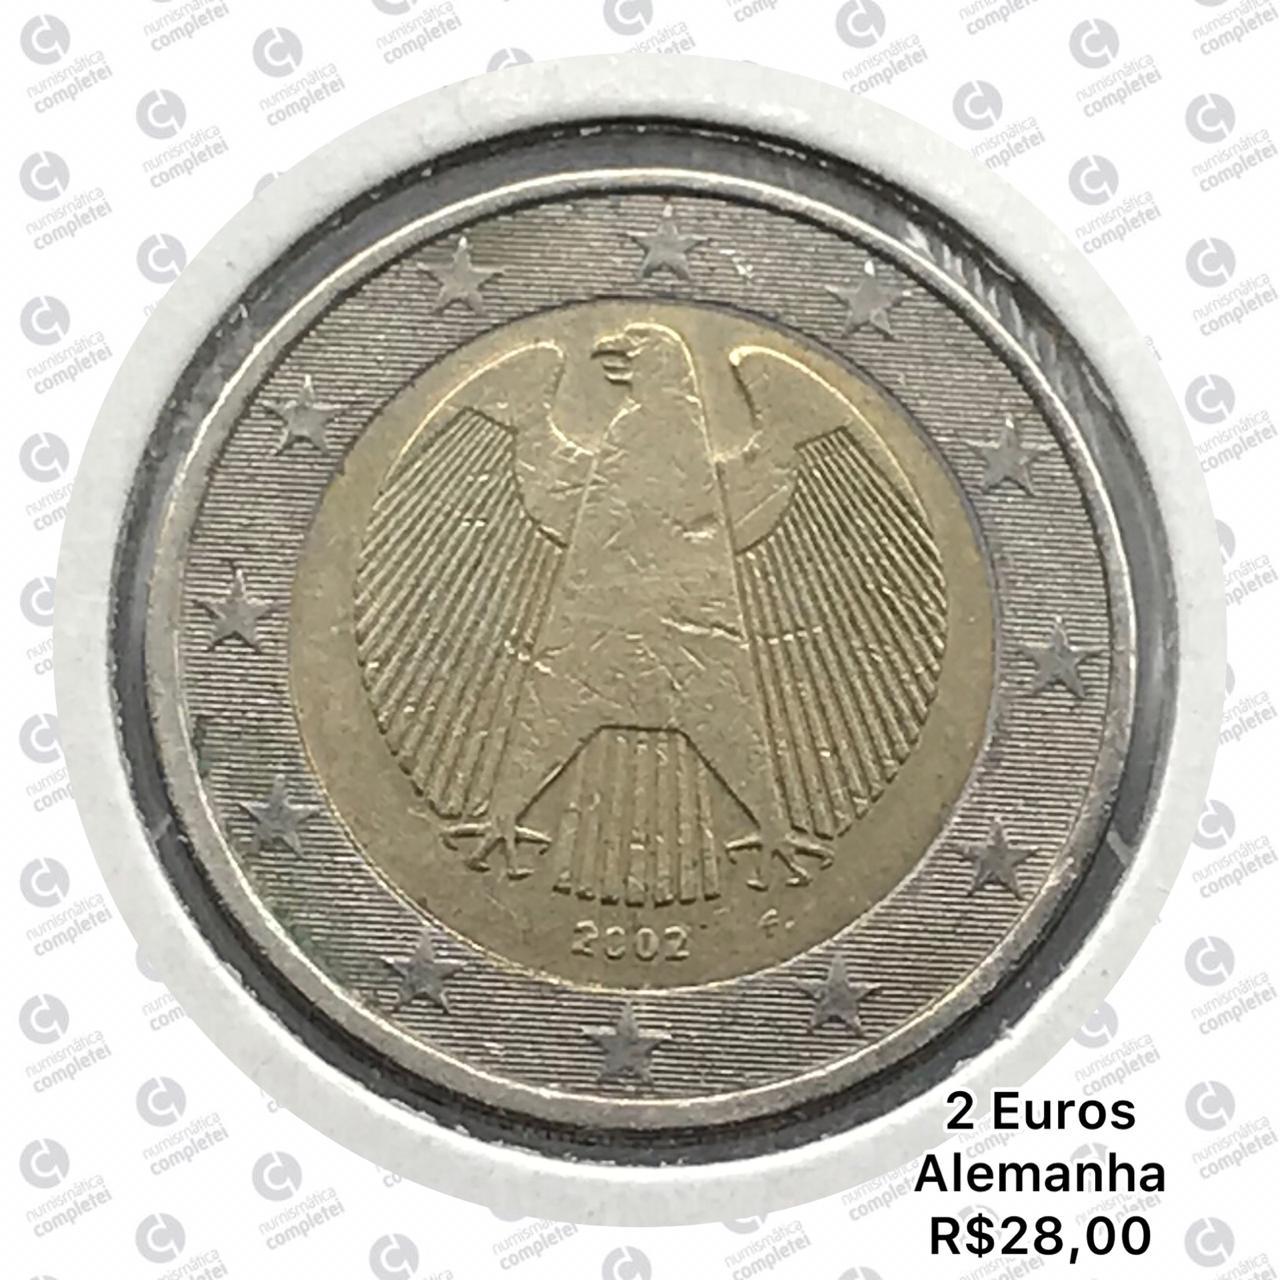 Moeda Alemanha 2 Euros 2003 MBC